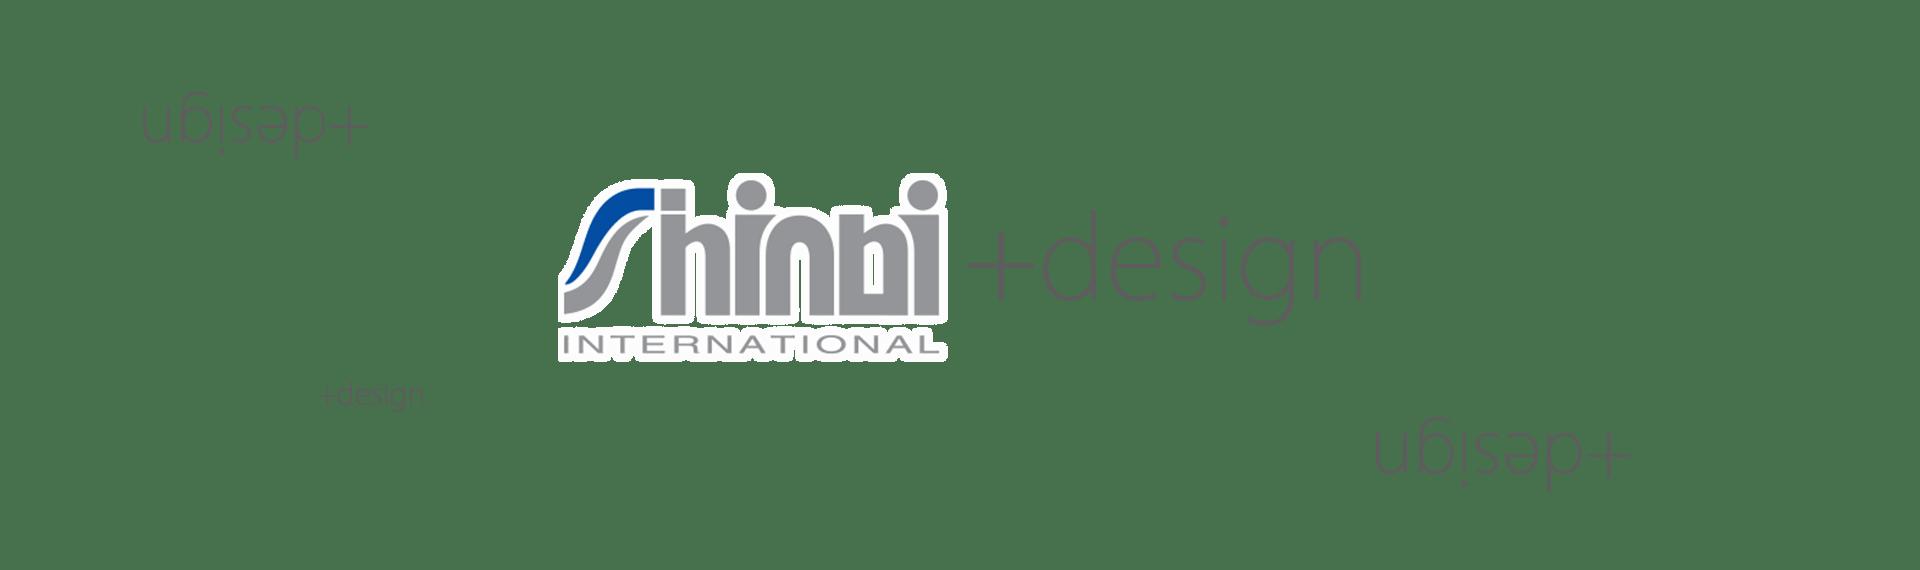 シンビインターナショナル